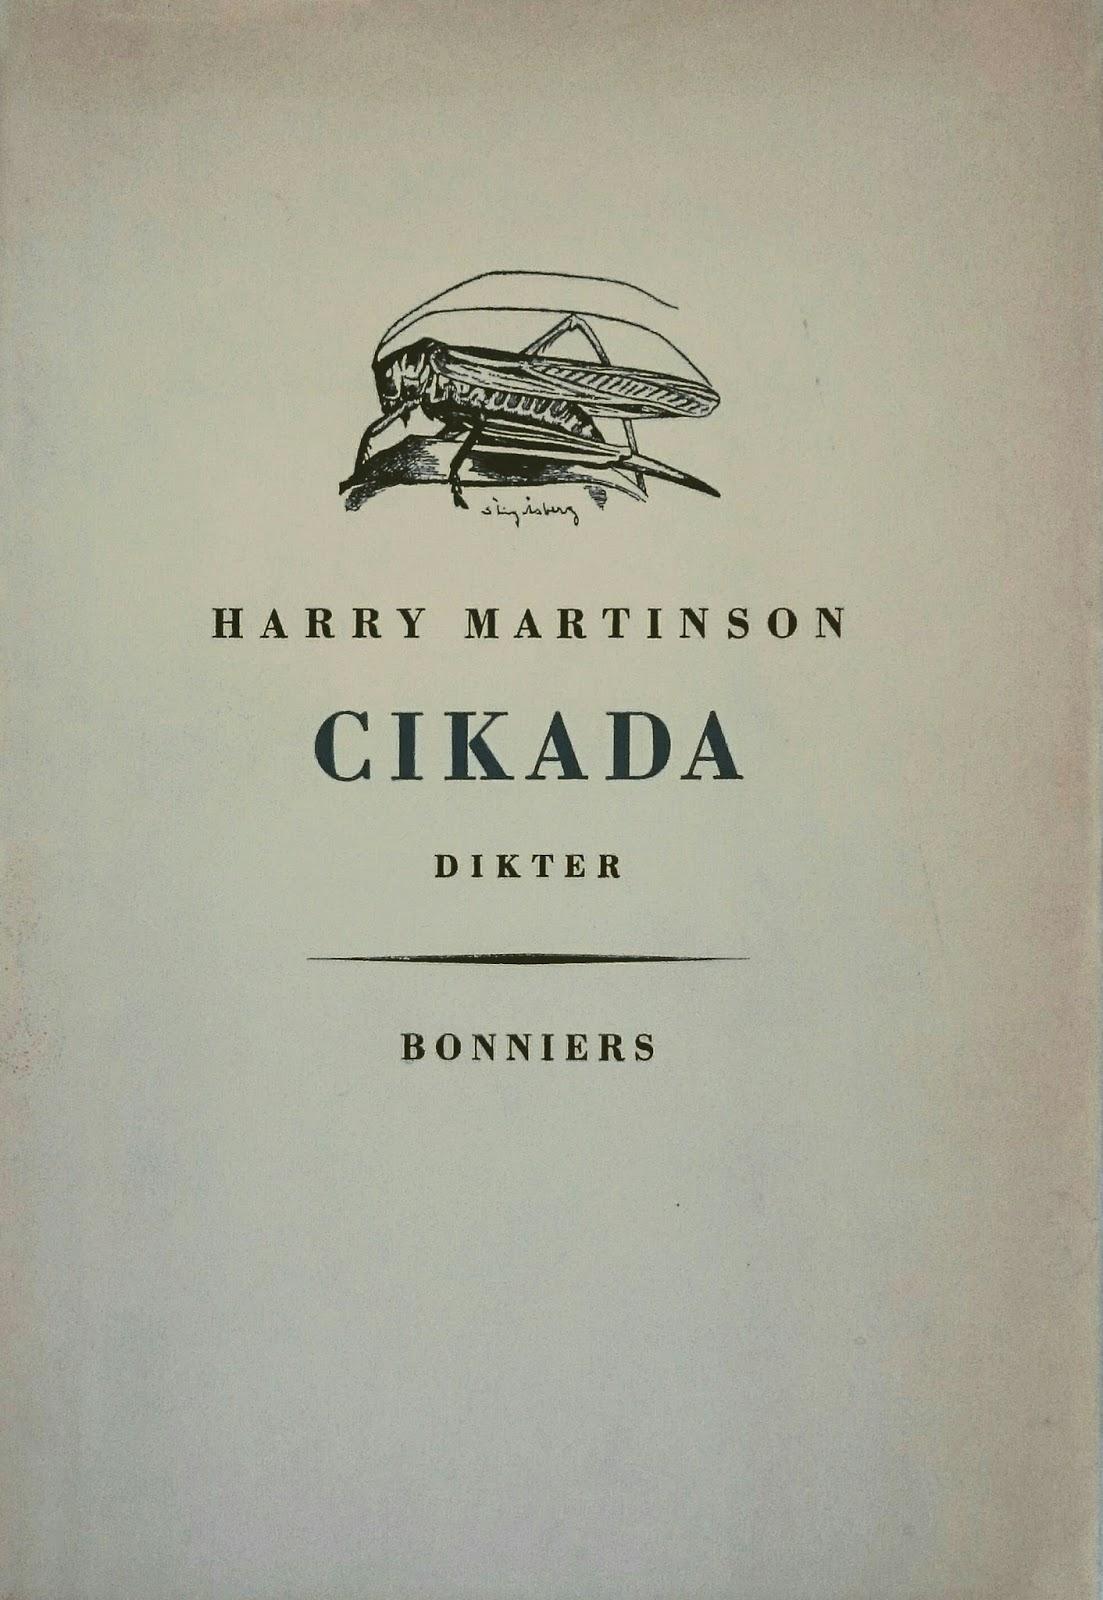 dikt 65 år Harry Martinson i tiden: Harry Martinsons CIKADA 1953 jubilerar 65 år dikt 65 år